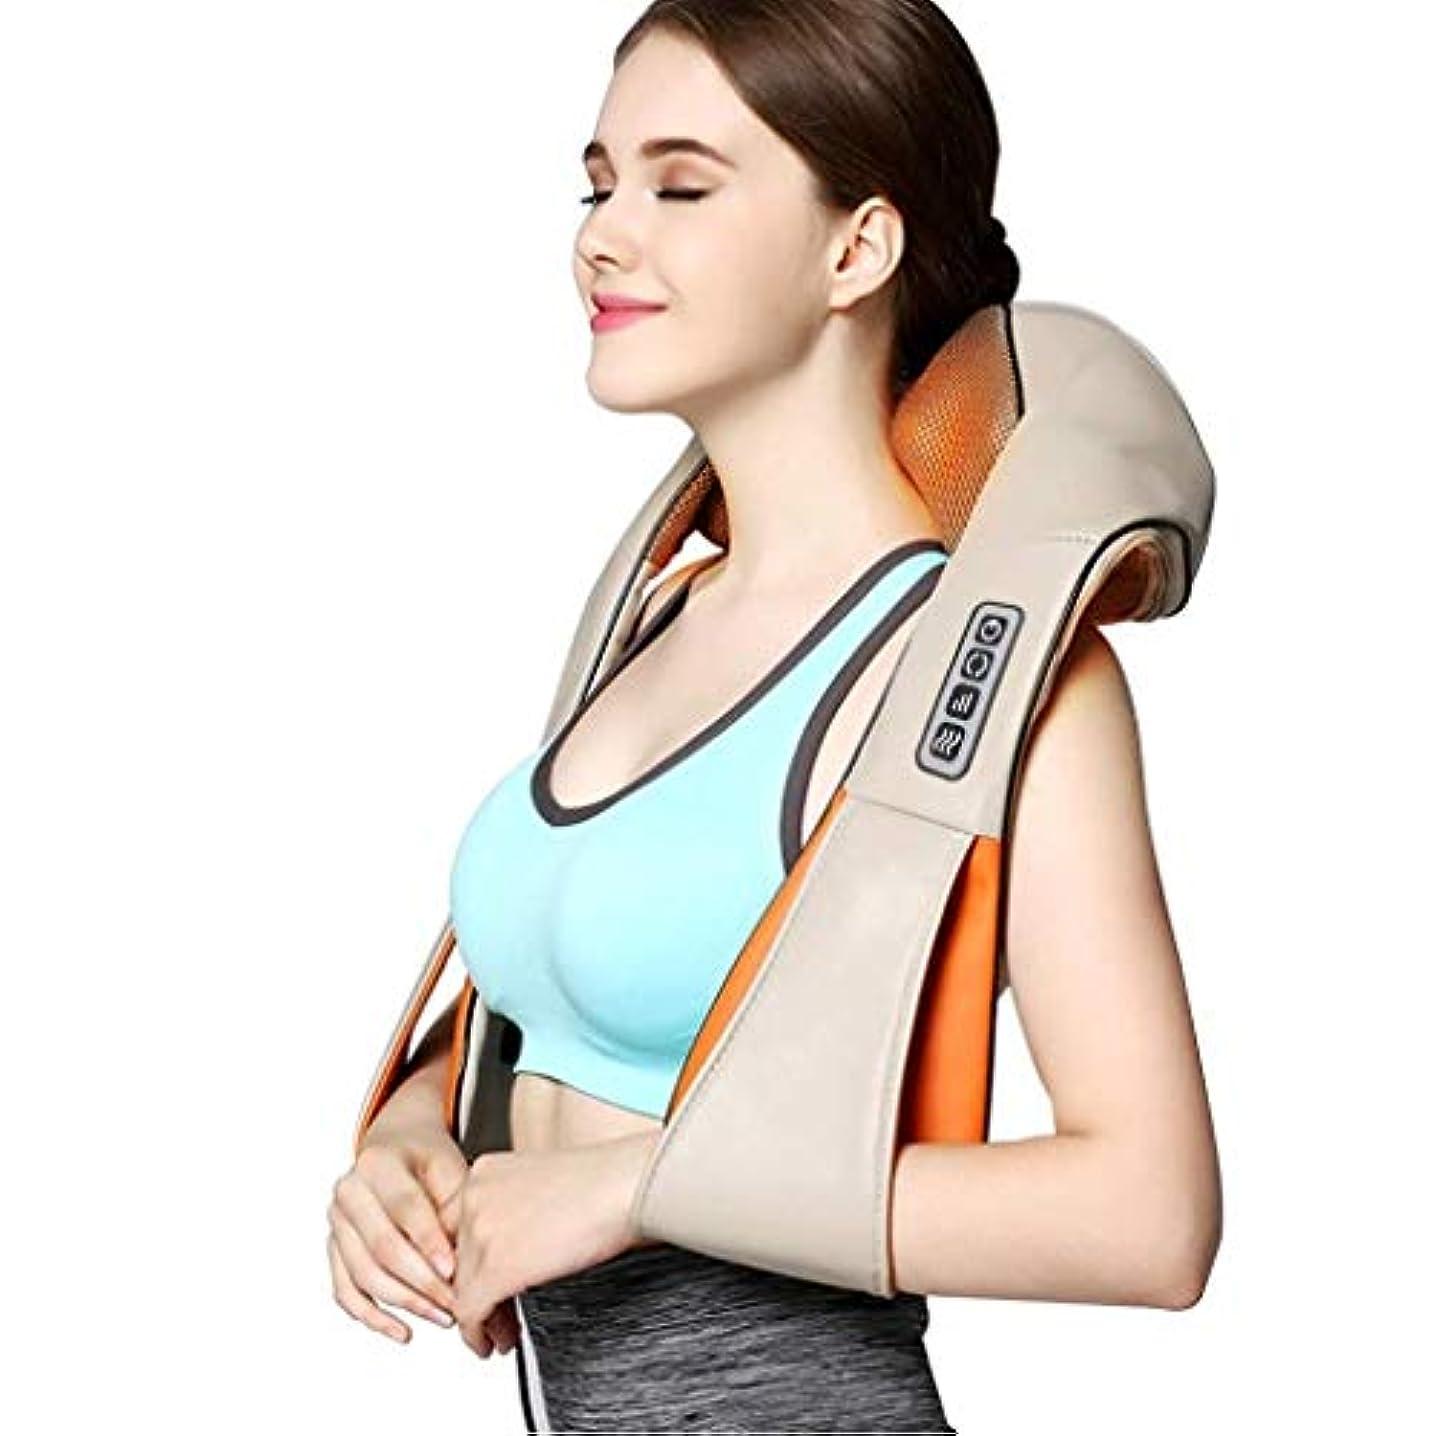 中間スカープバケツ指圧ネックの肩のマッサージャー - 3D深いティッシュの混合の首、肩、背中、足、マッサージの痛みを緩和する電気バックマッサージ枕車のオフィスや家庭でリラックス (Color : 4buttons)